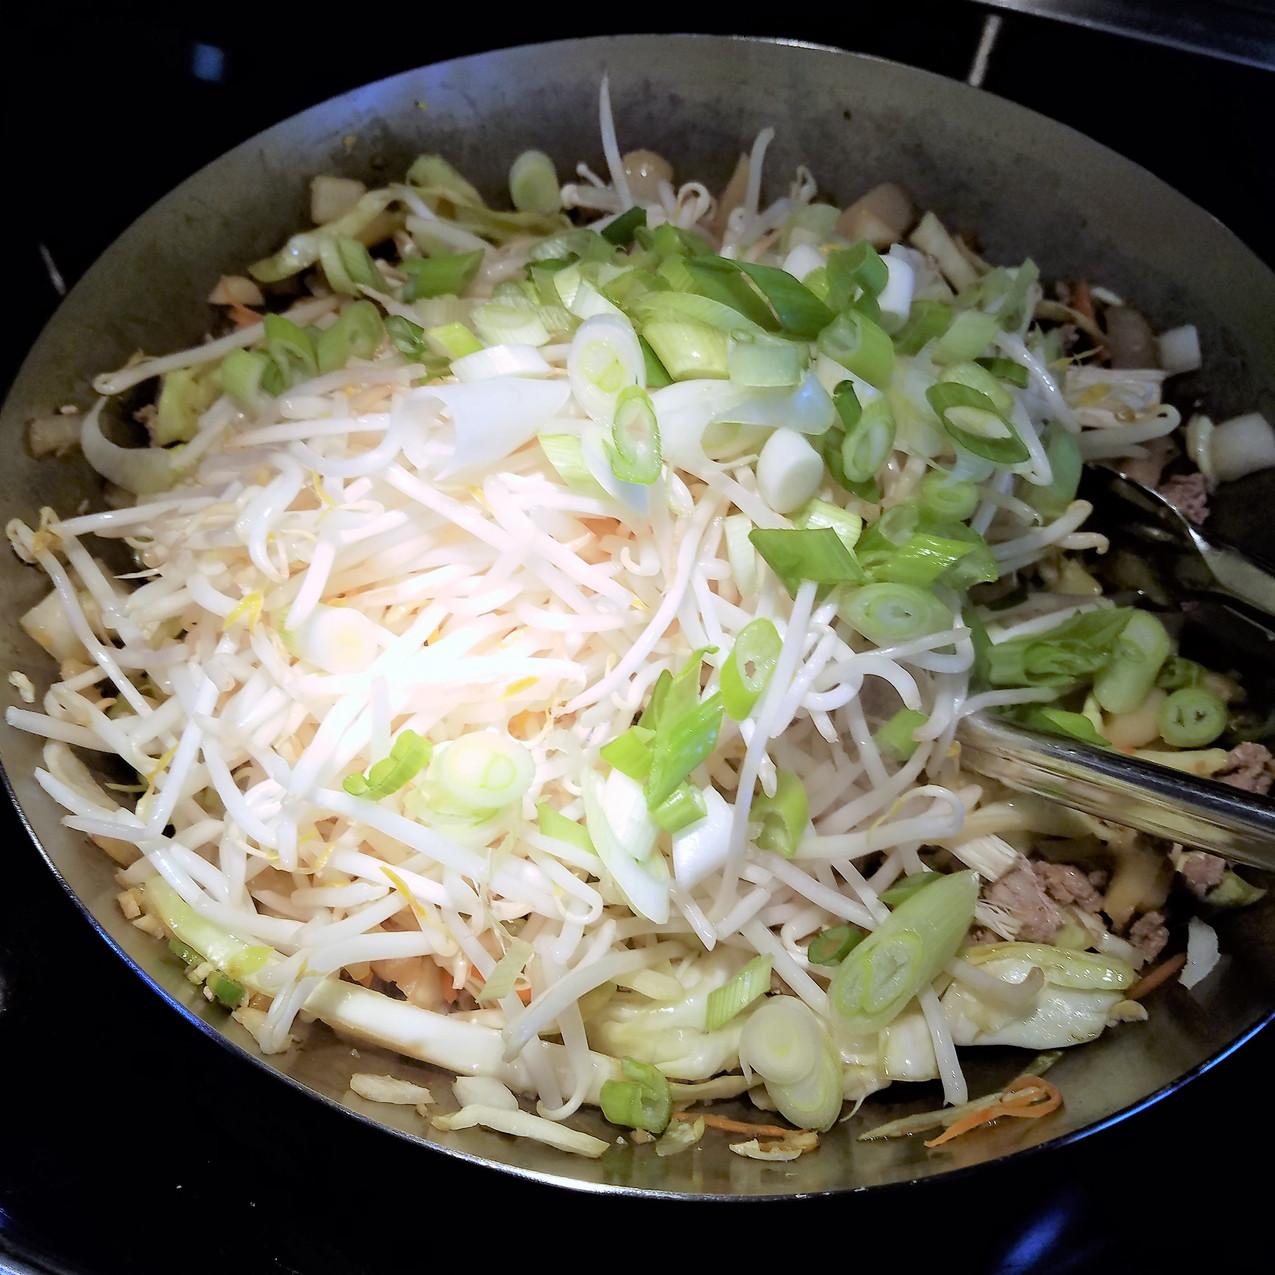 Next, add some more delicate veggies